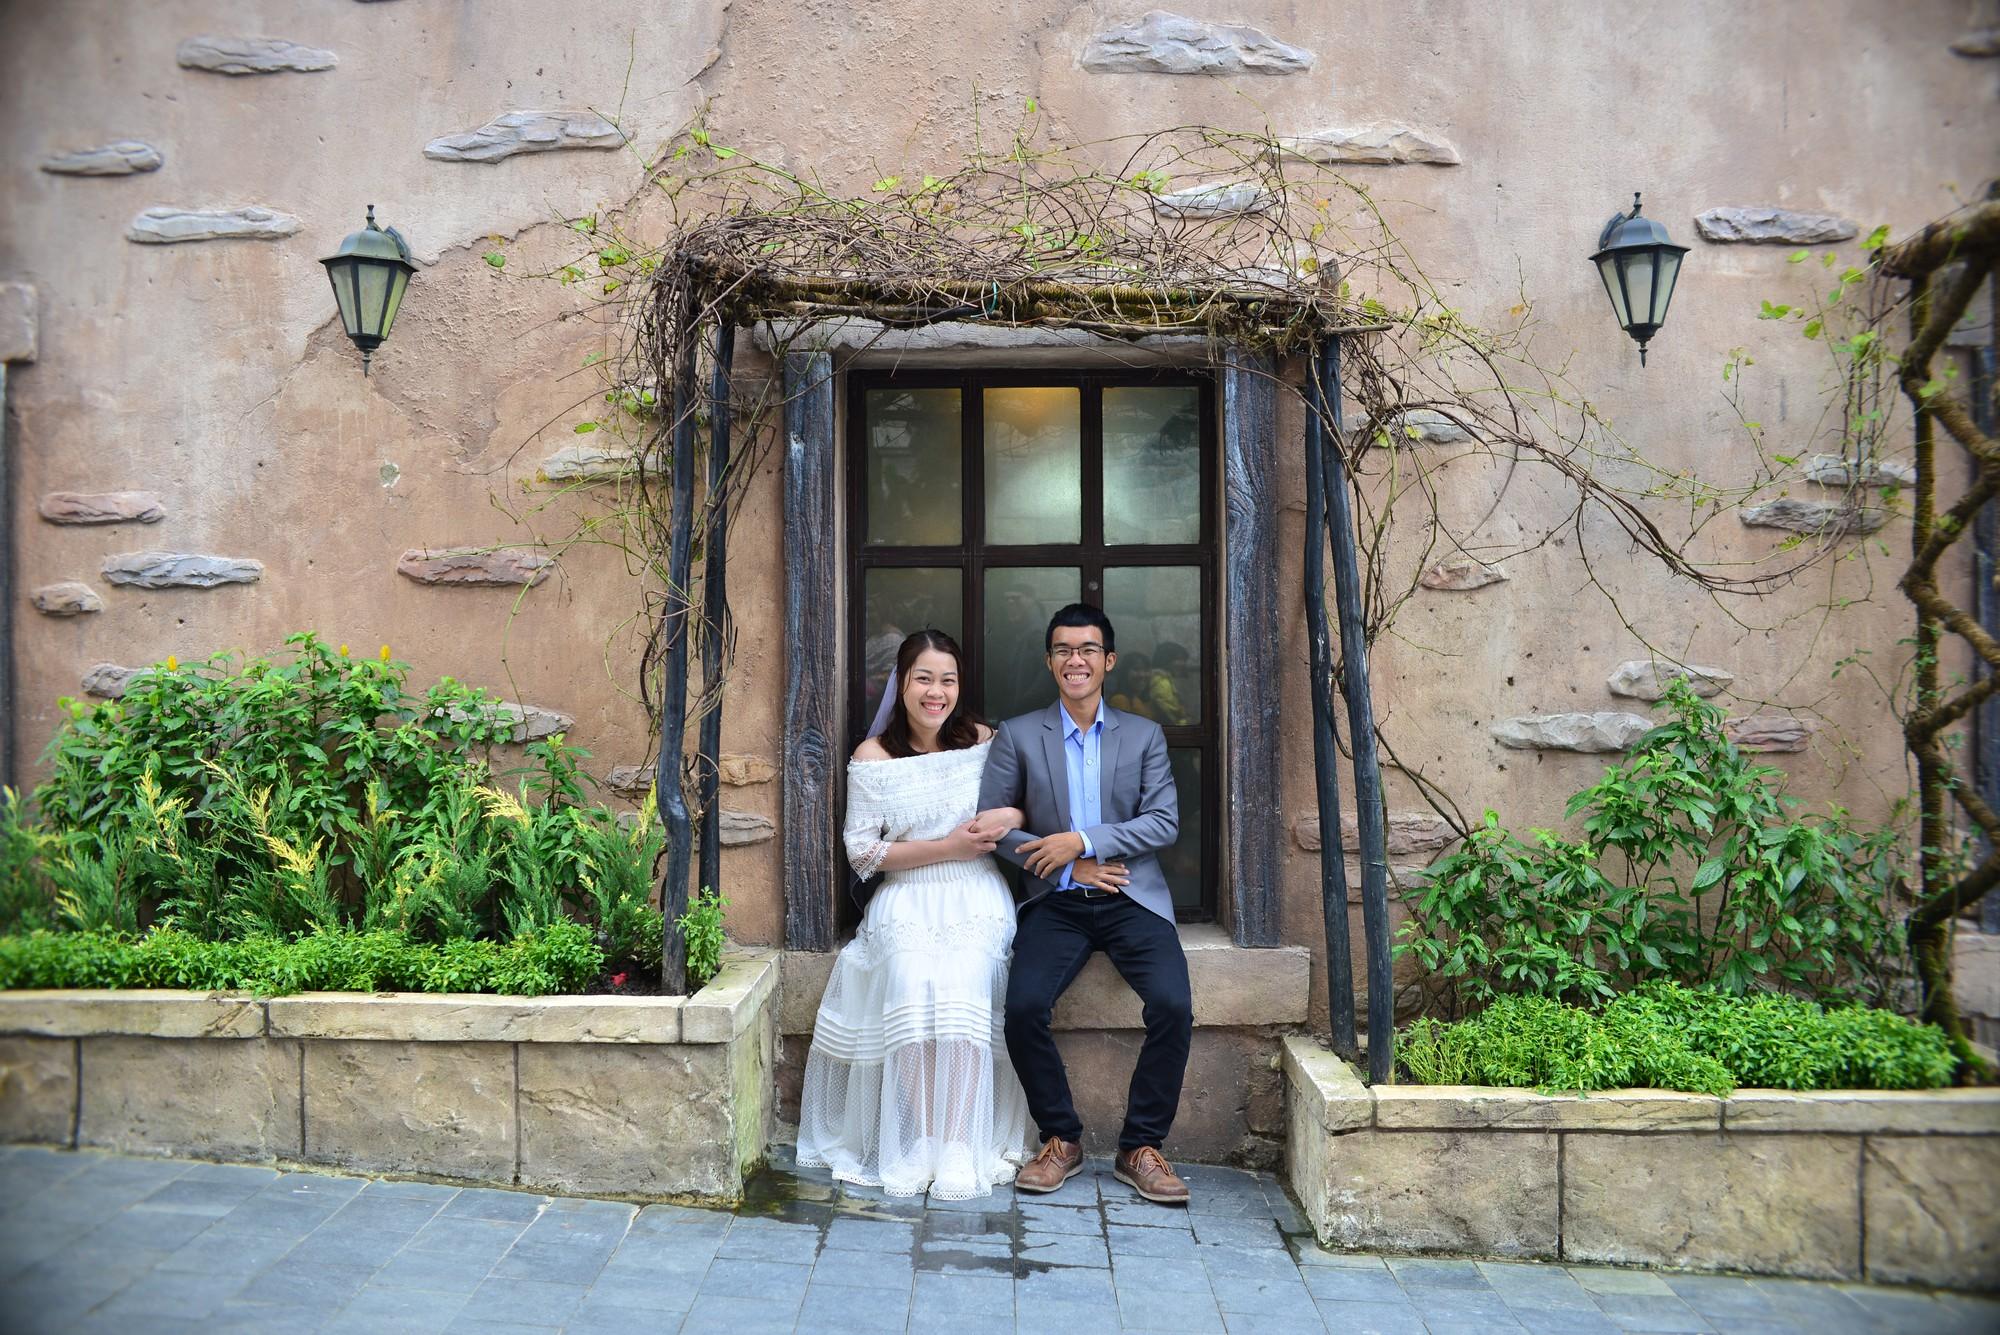 48 ngày đi khắp Việt Nam tự chụp ảnh cưới và câu chuyện tình đẹp như